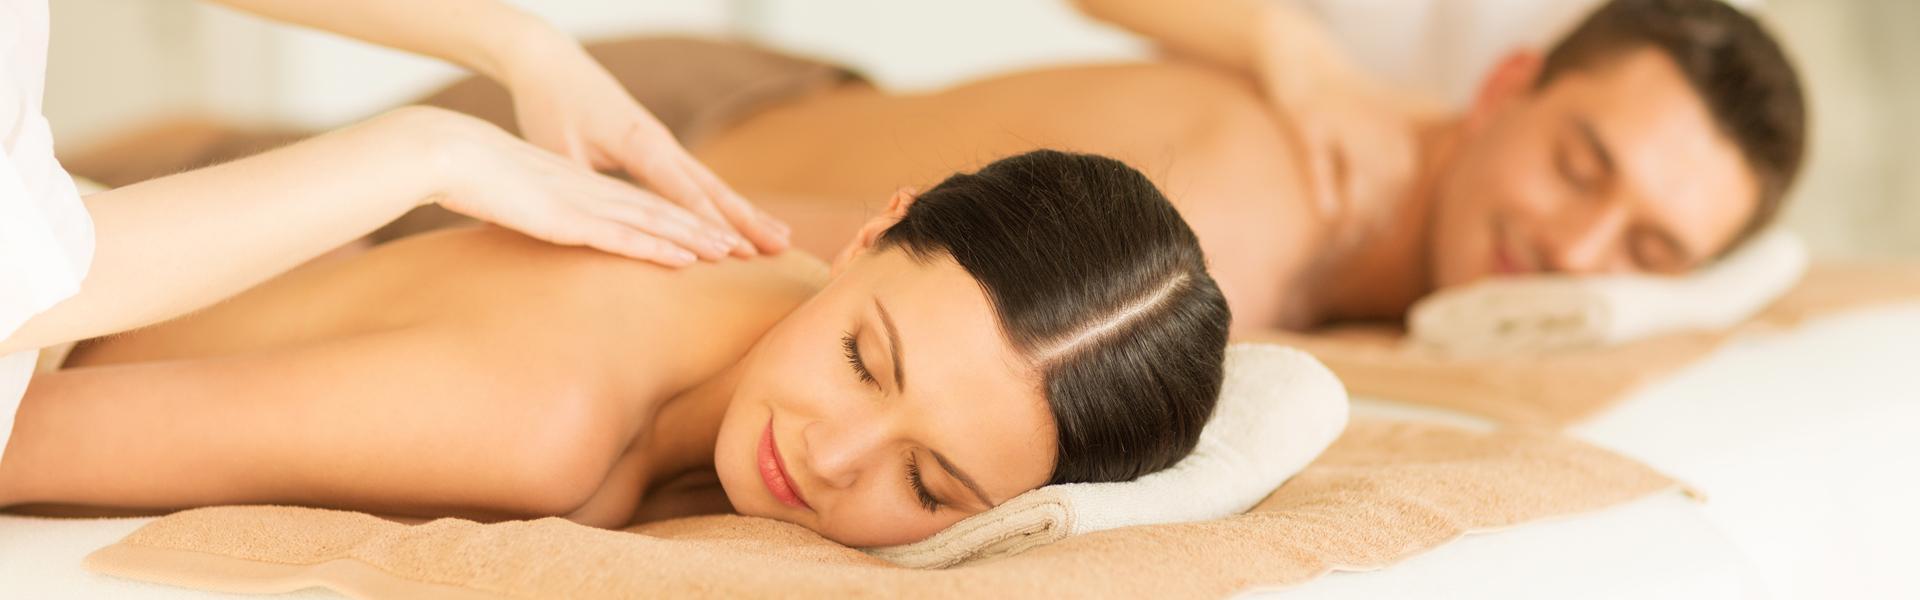 Massage Ausbildung: massieren lernen